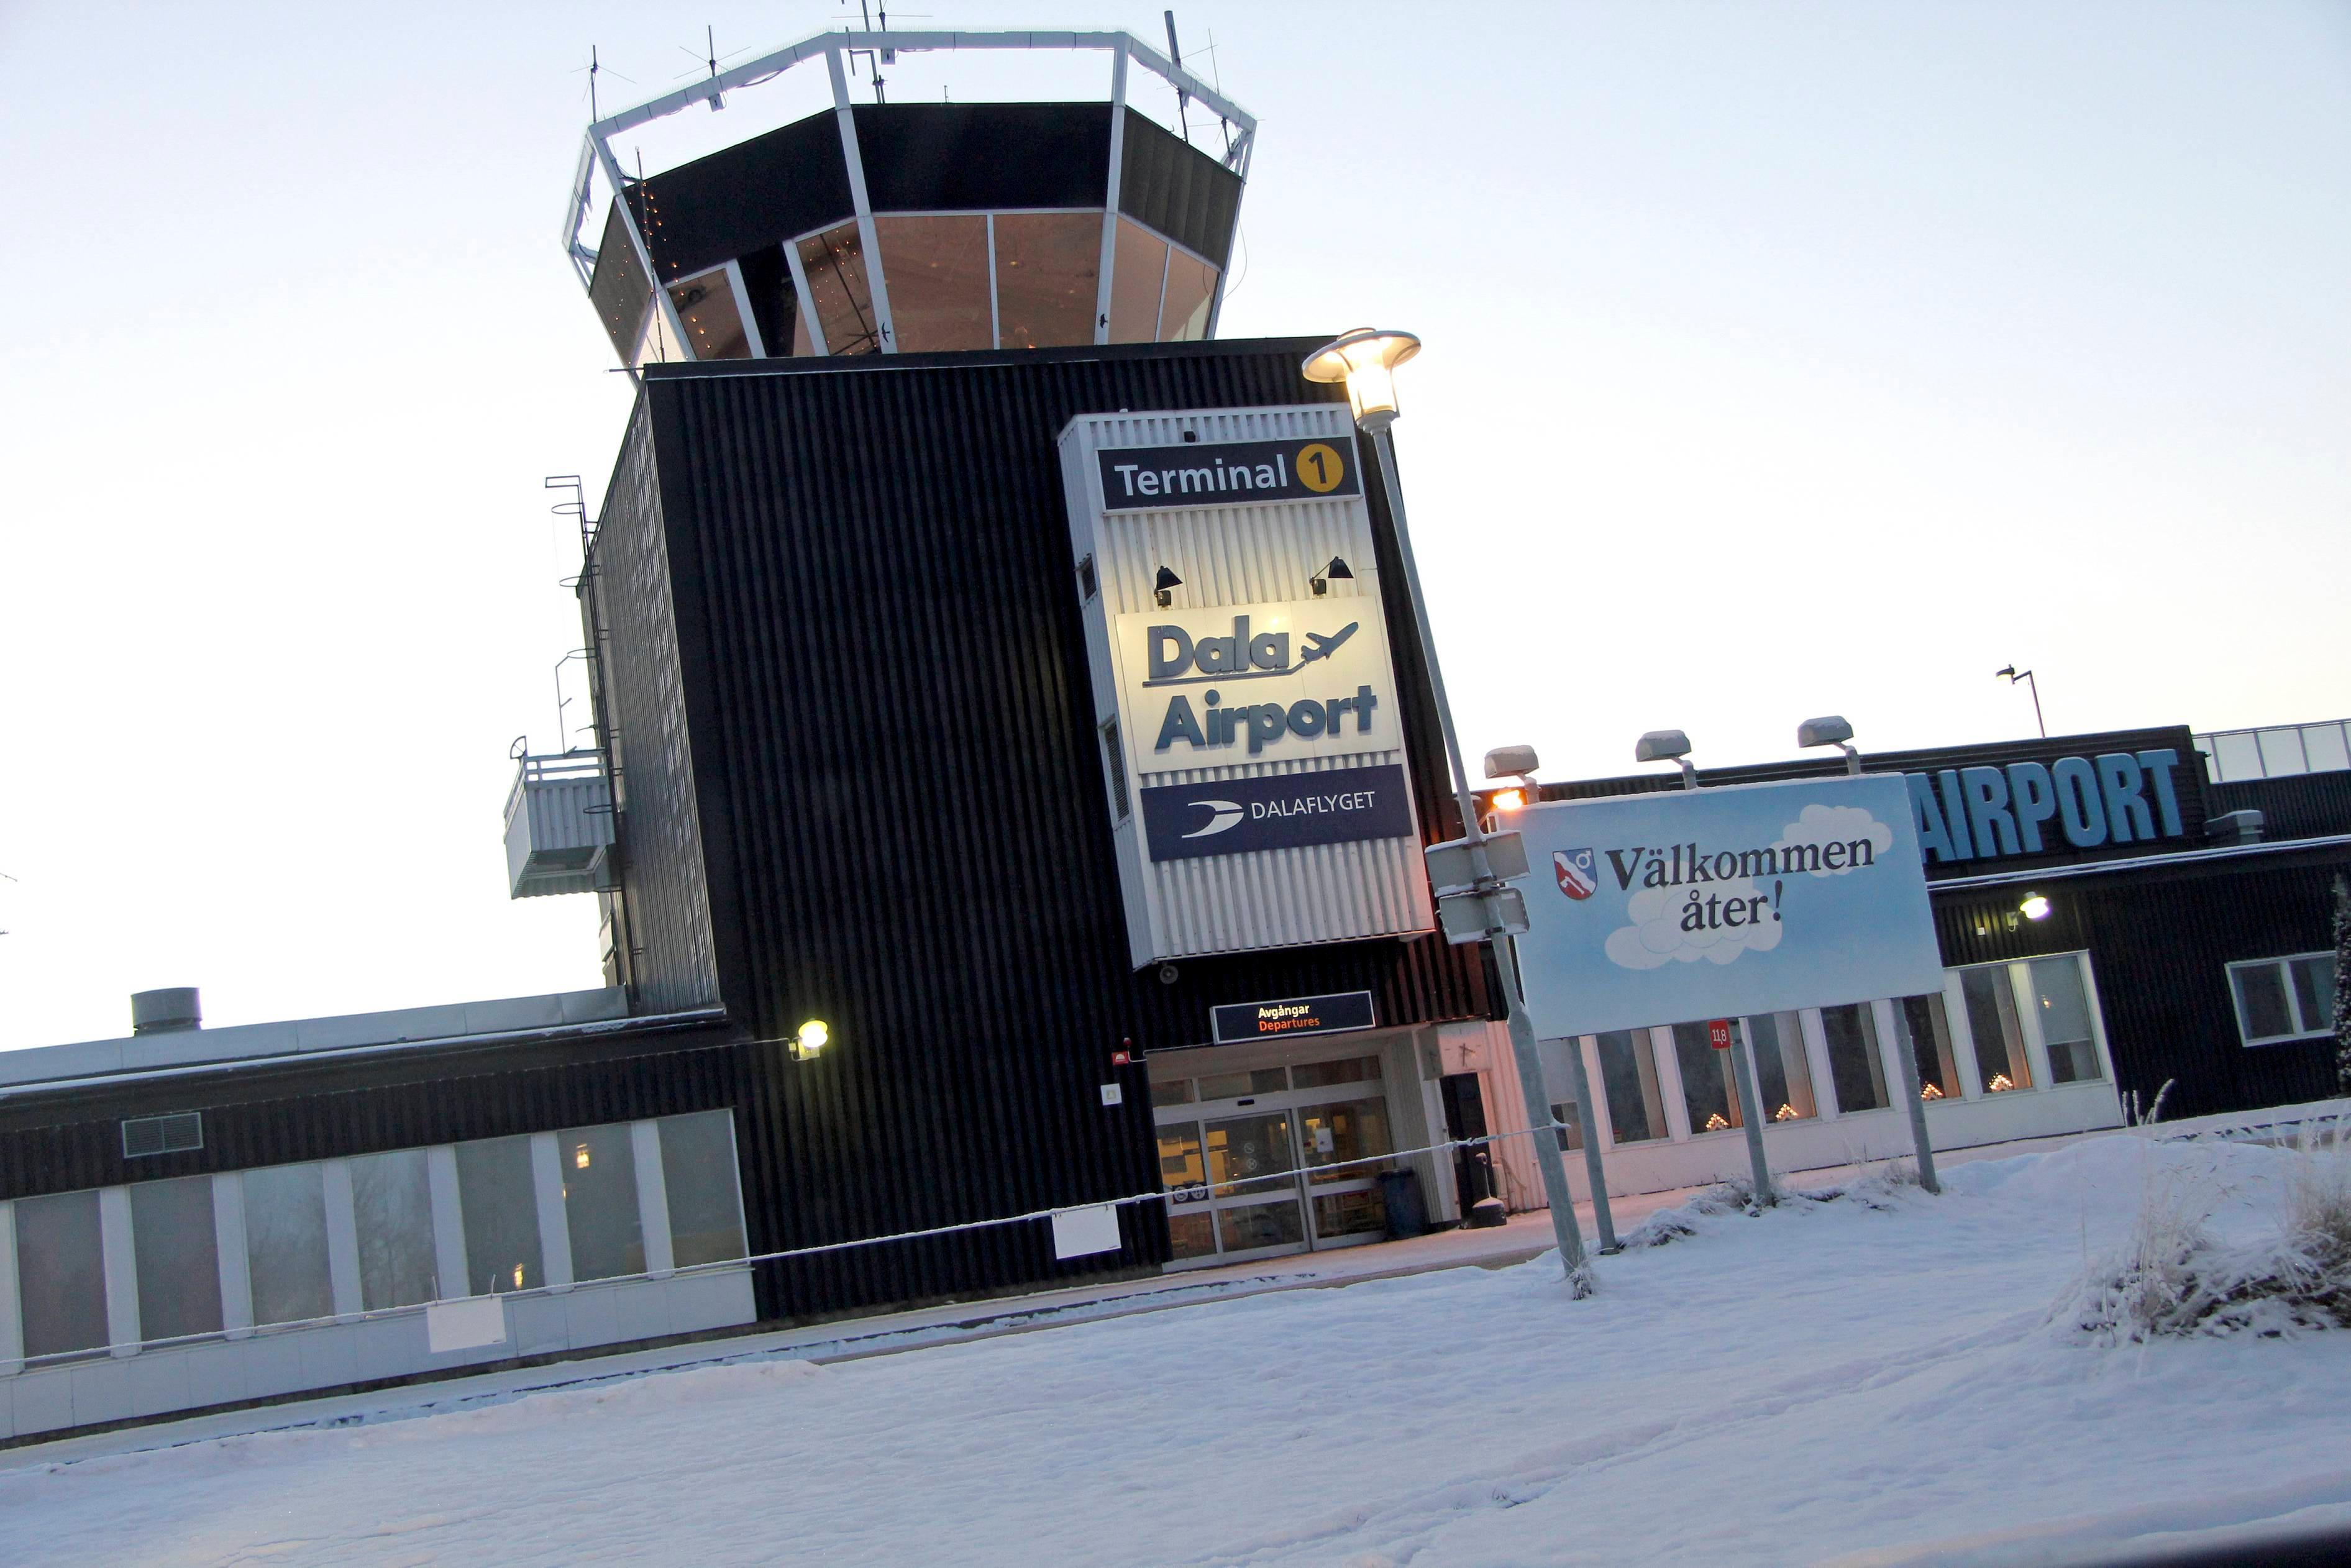 Dala Airport påverkas inte av den pågående SAS-strejken. Arkivbild. Foto: Boo Ericsson